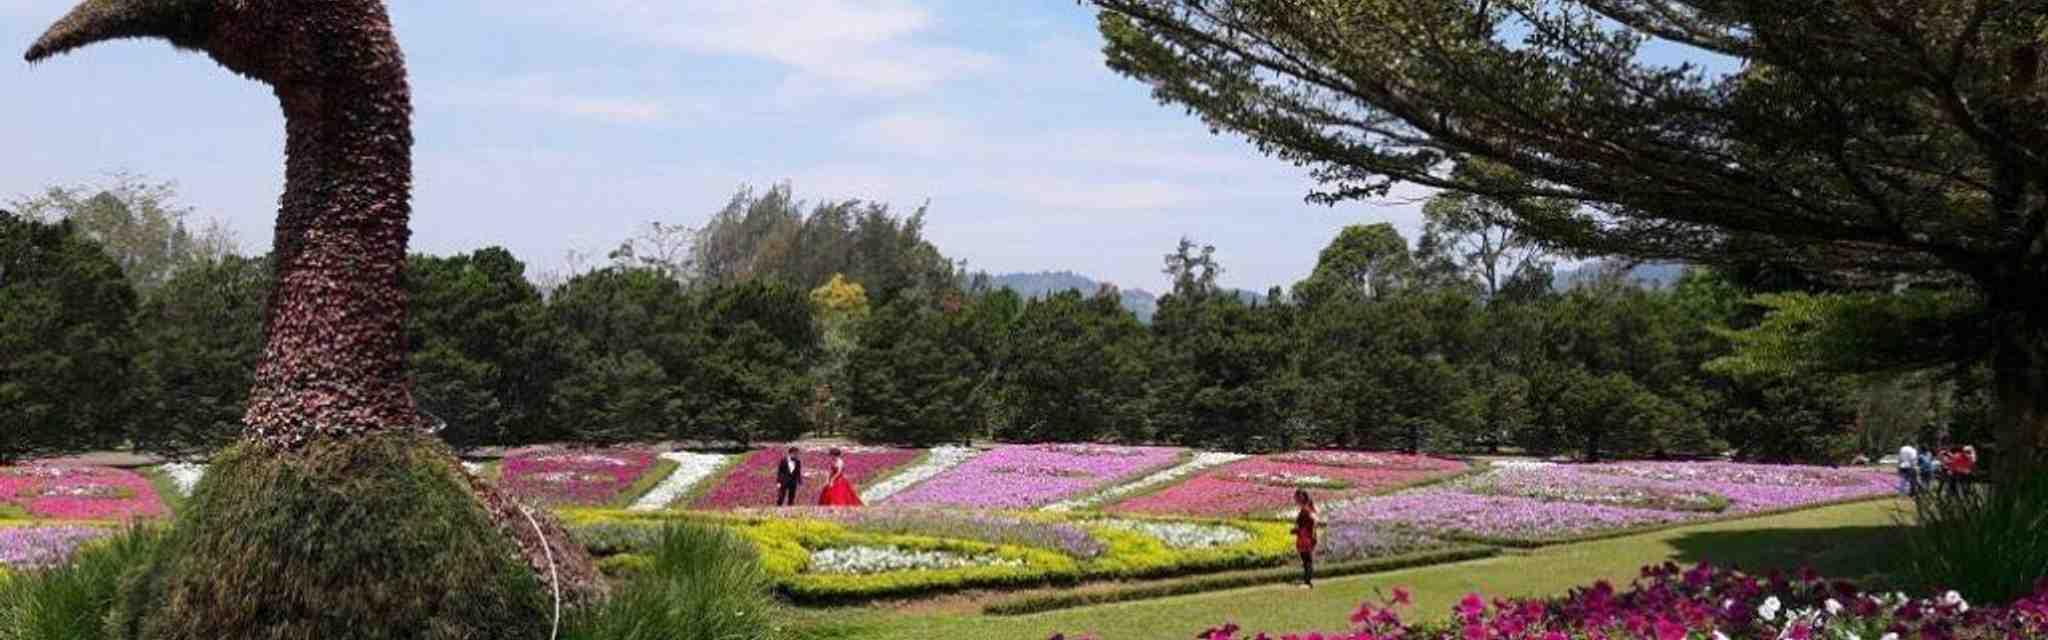 10 Tempat Wisata di Bogor Tawarkan Pesona Alam Menakjubkan